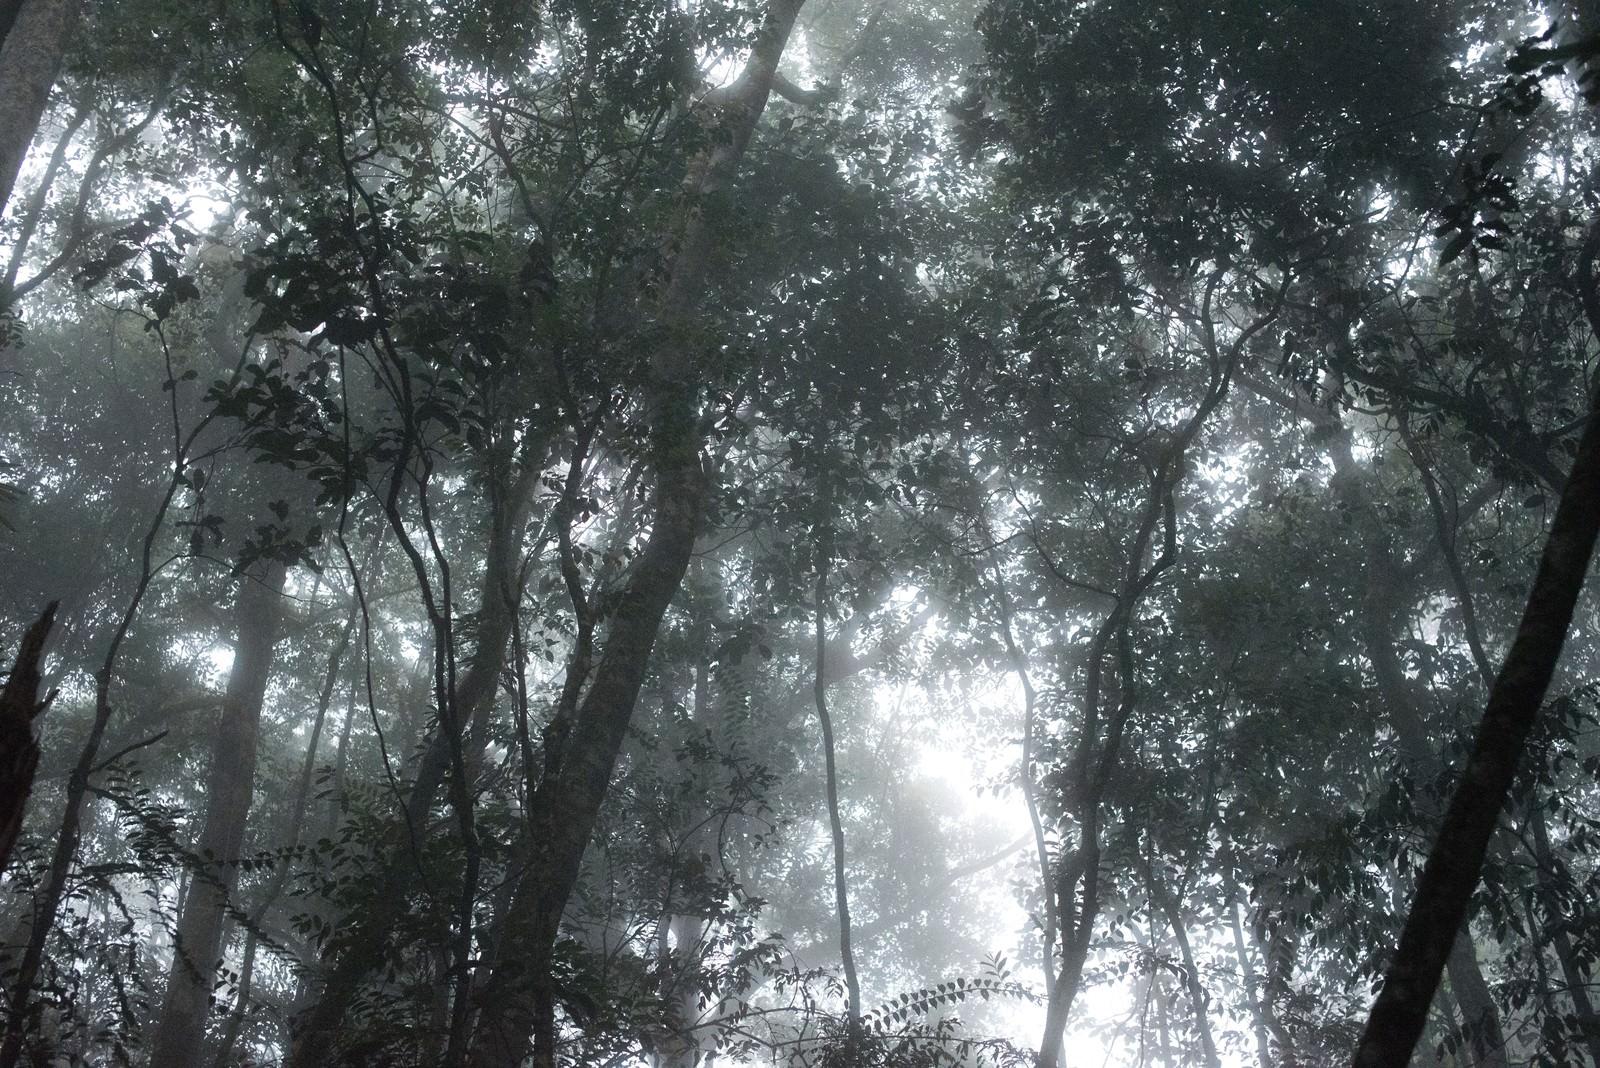 「ベネズエラの森ベネズエラの森」のフリー写真素材を拡大